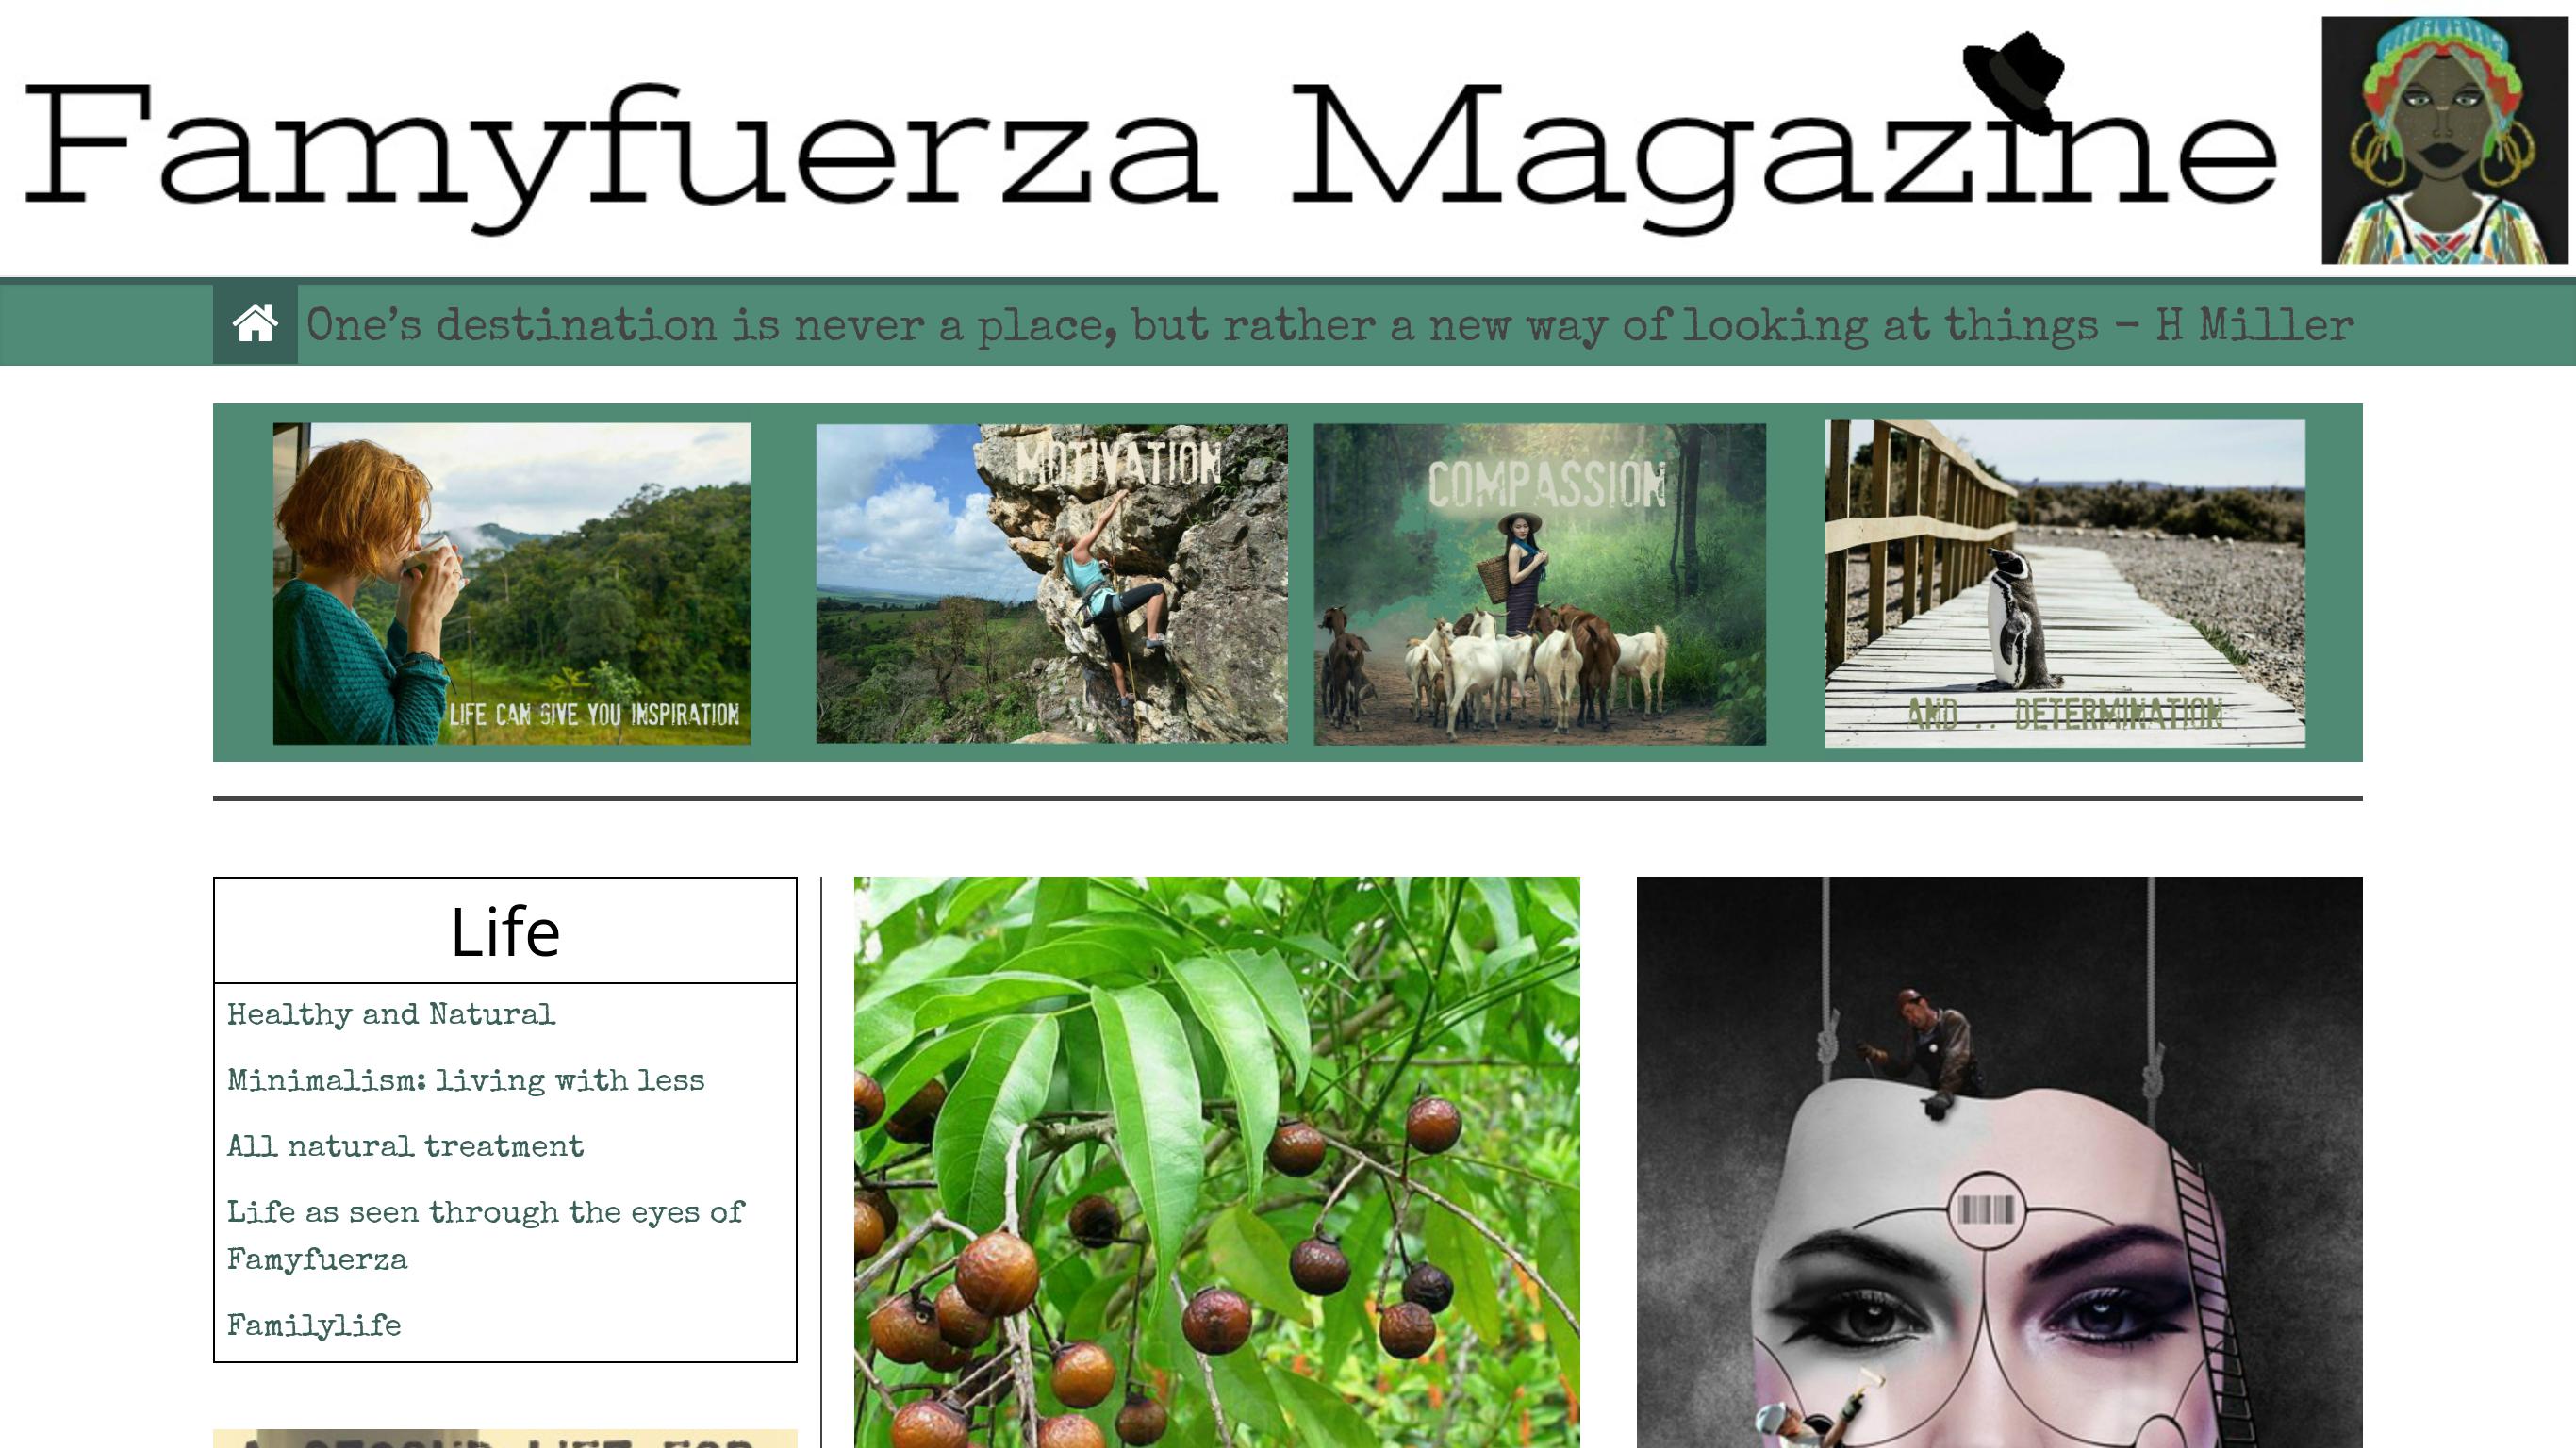 Famyfuerza Magazine